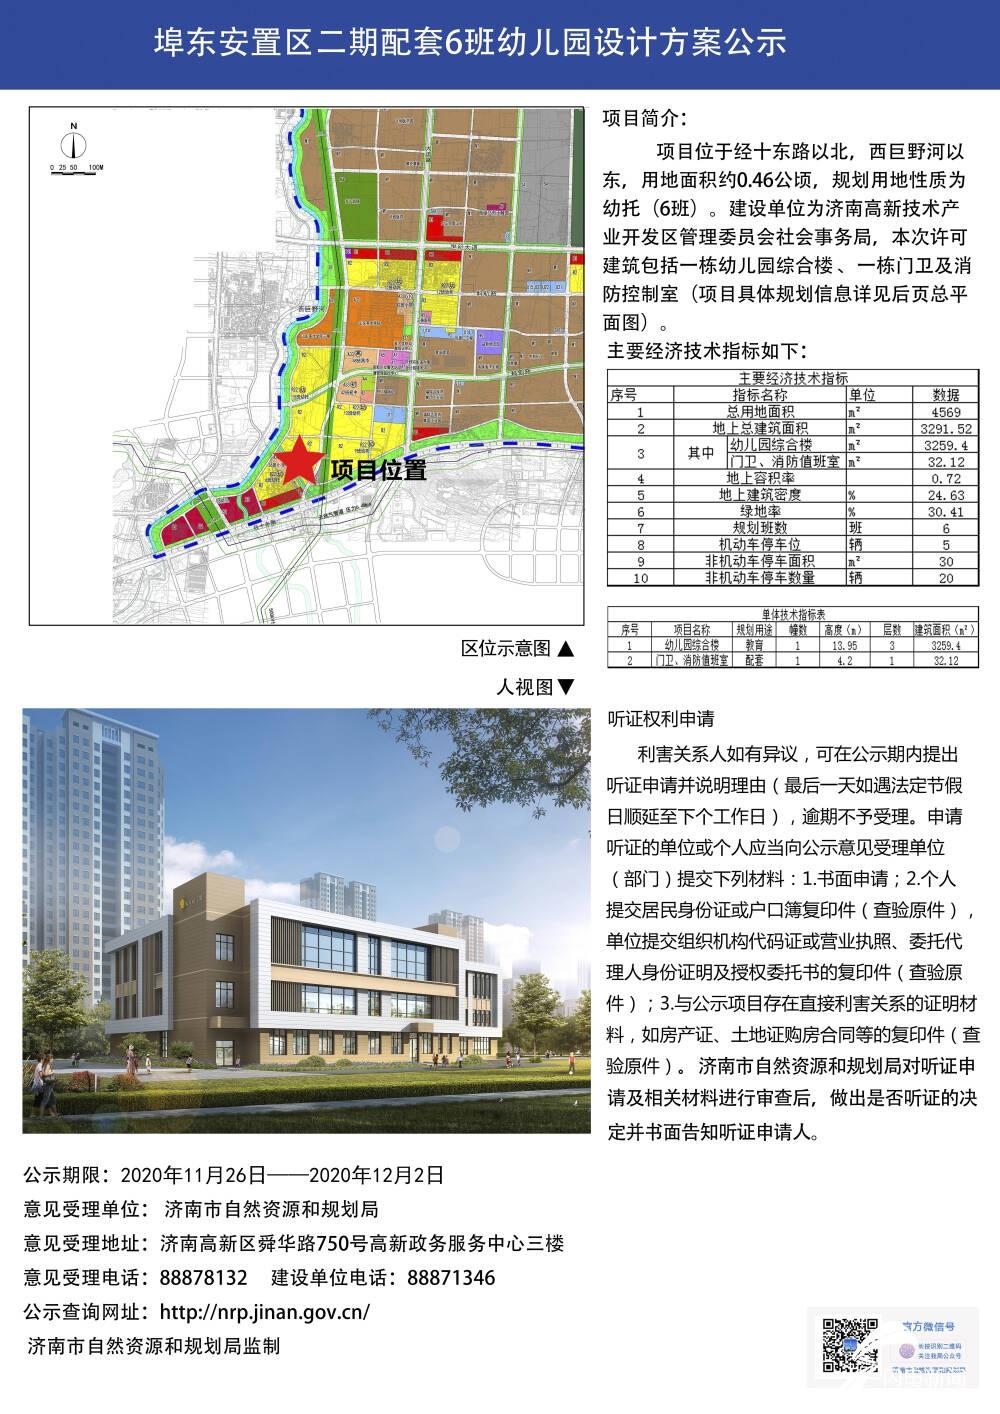 好消息!济南新建一批幼儿园、中小学,快来看看离你家近吗?